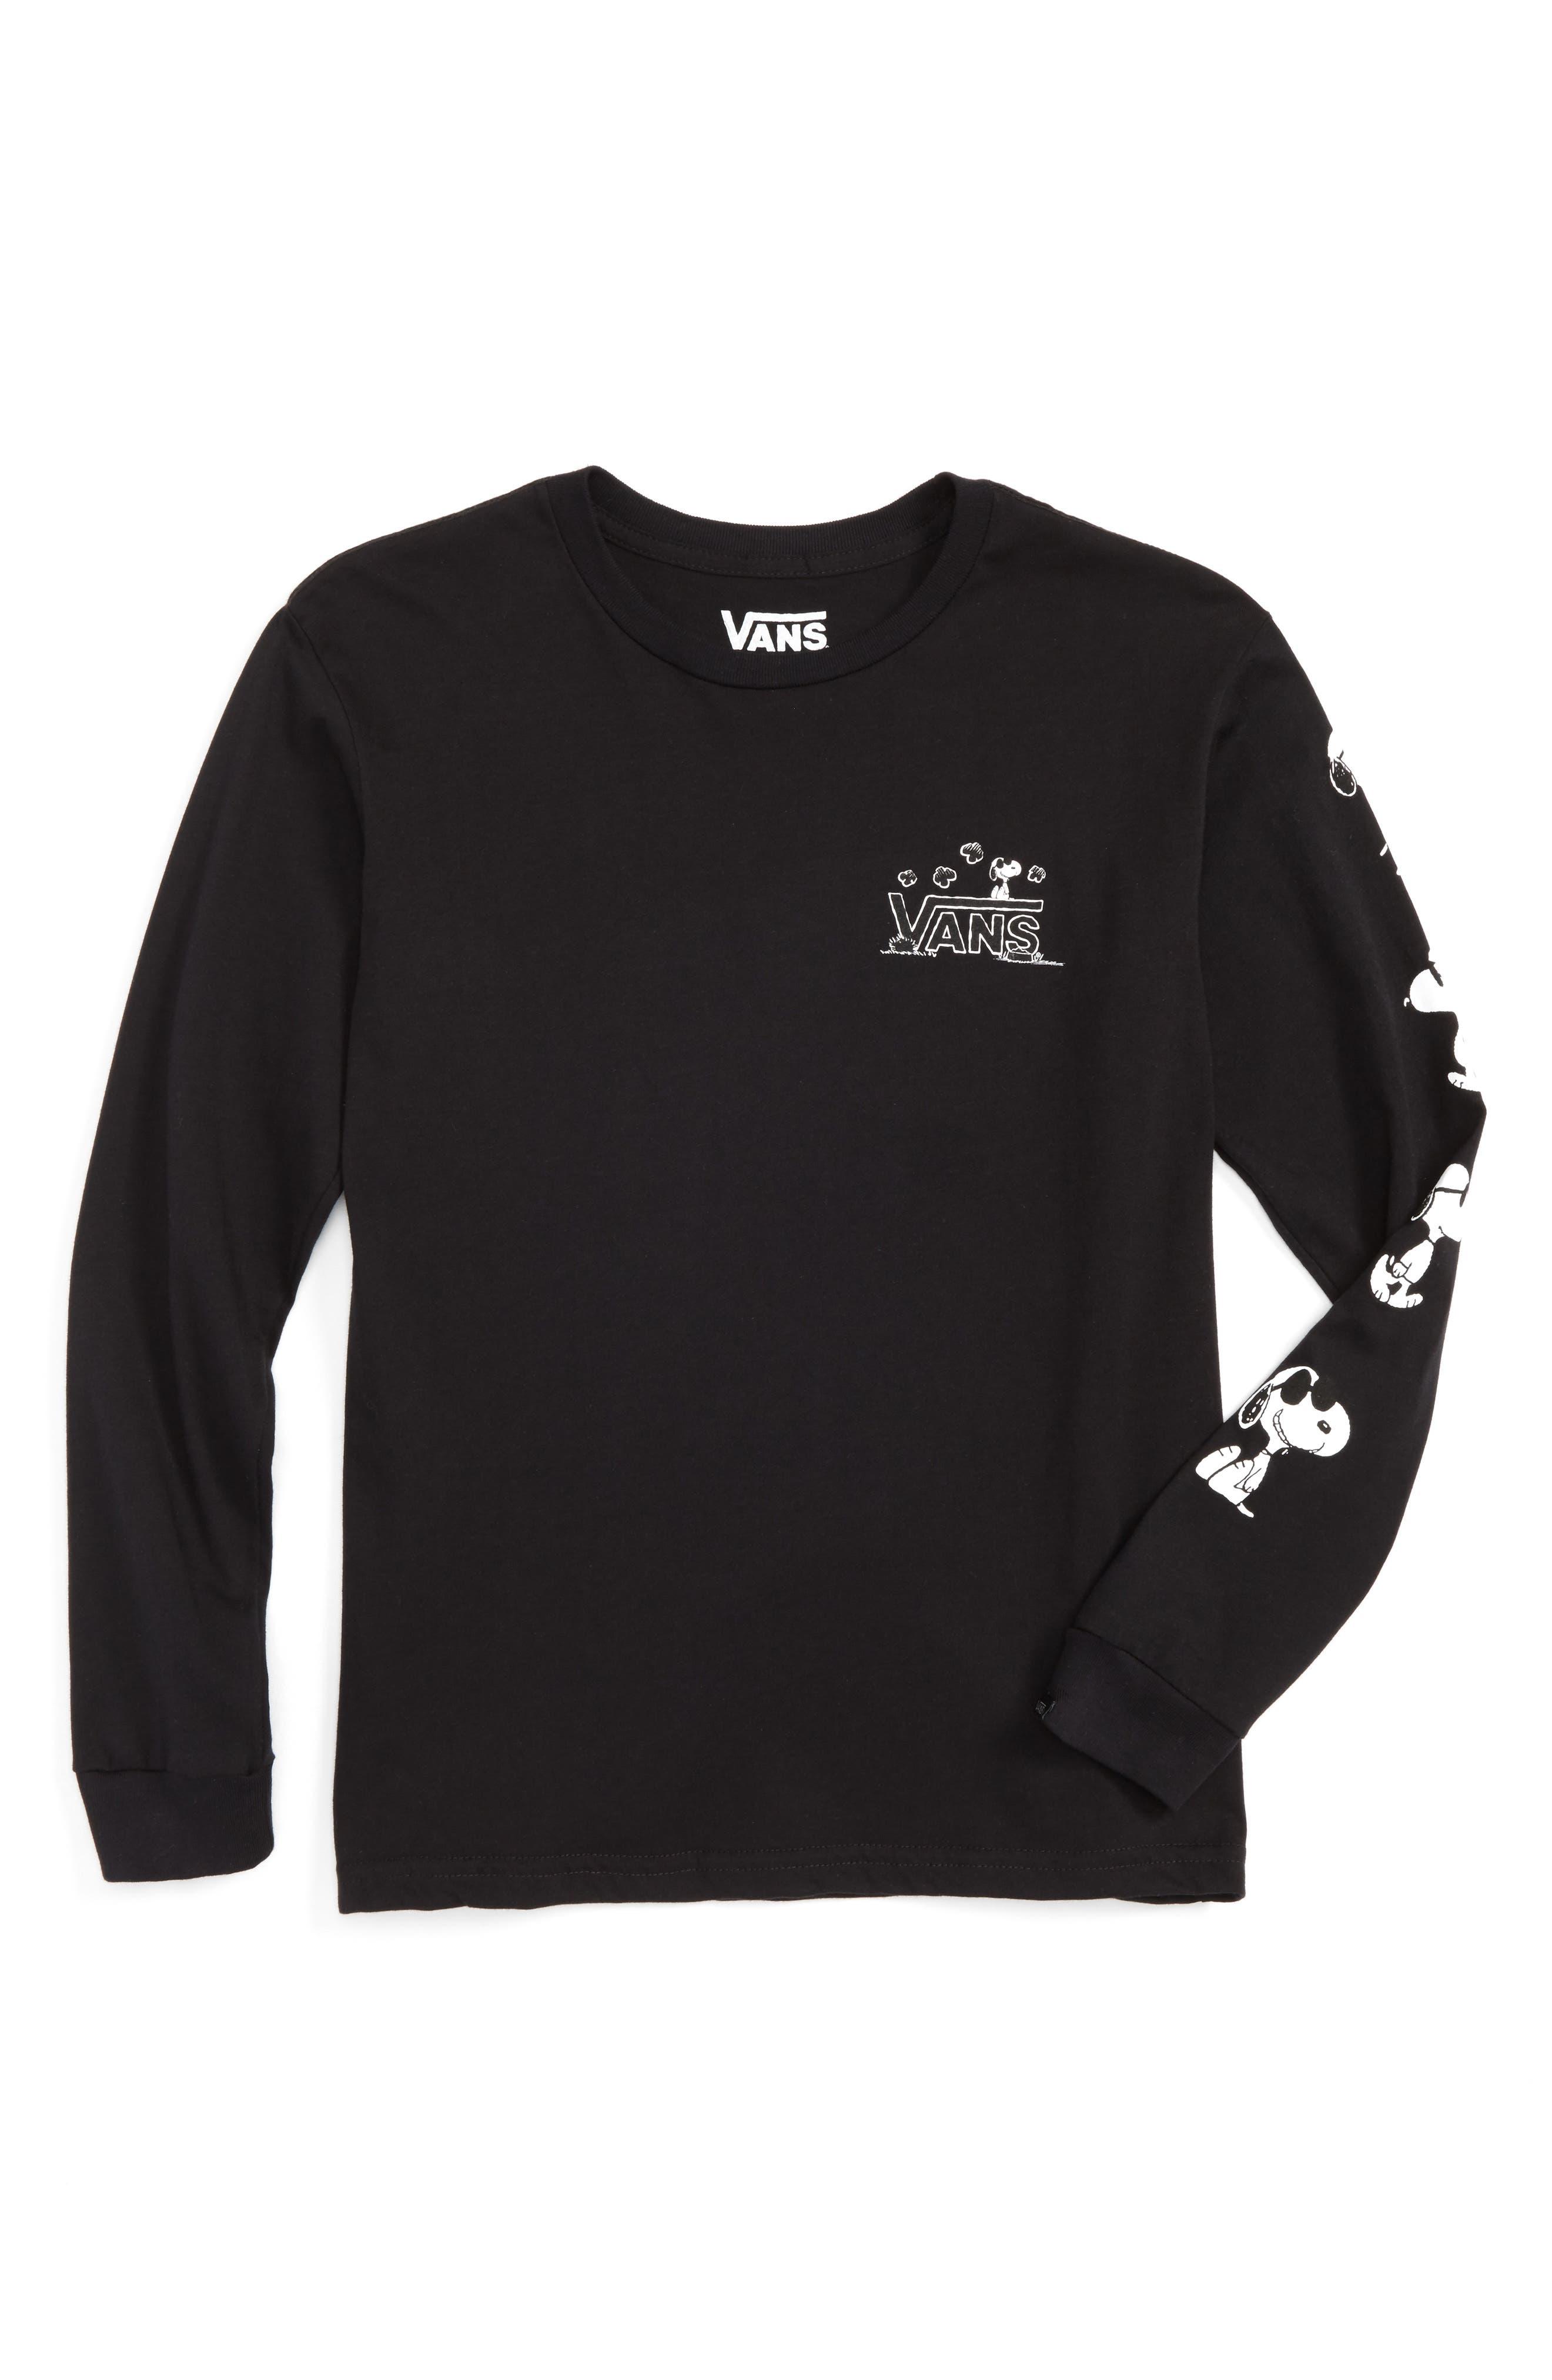 Vans x Peanuts T-Shirt (Big Boys)